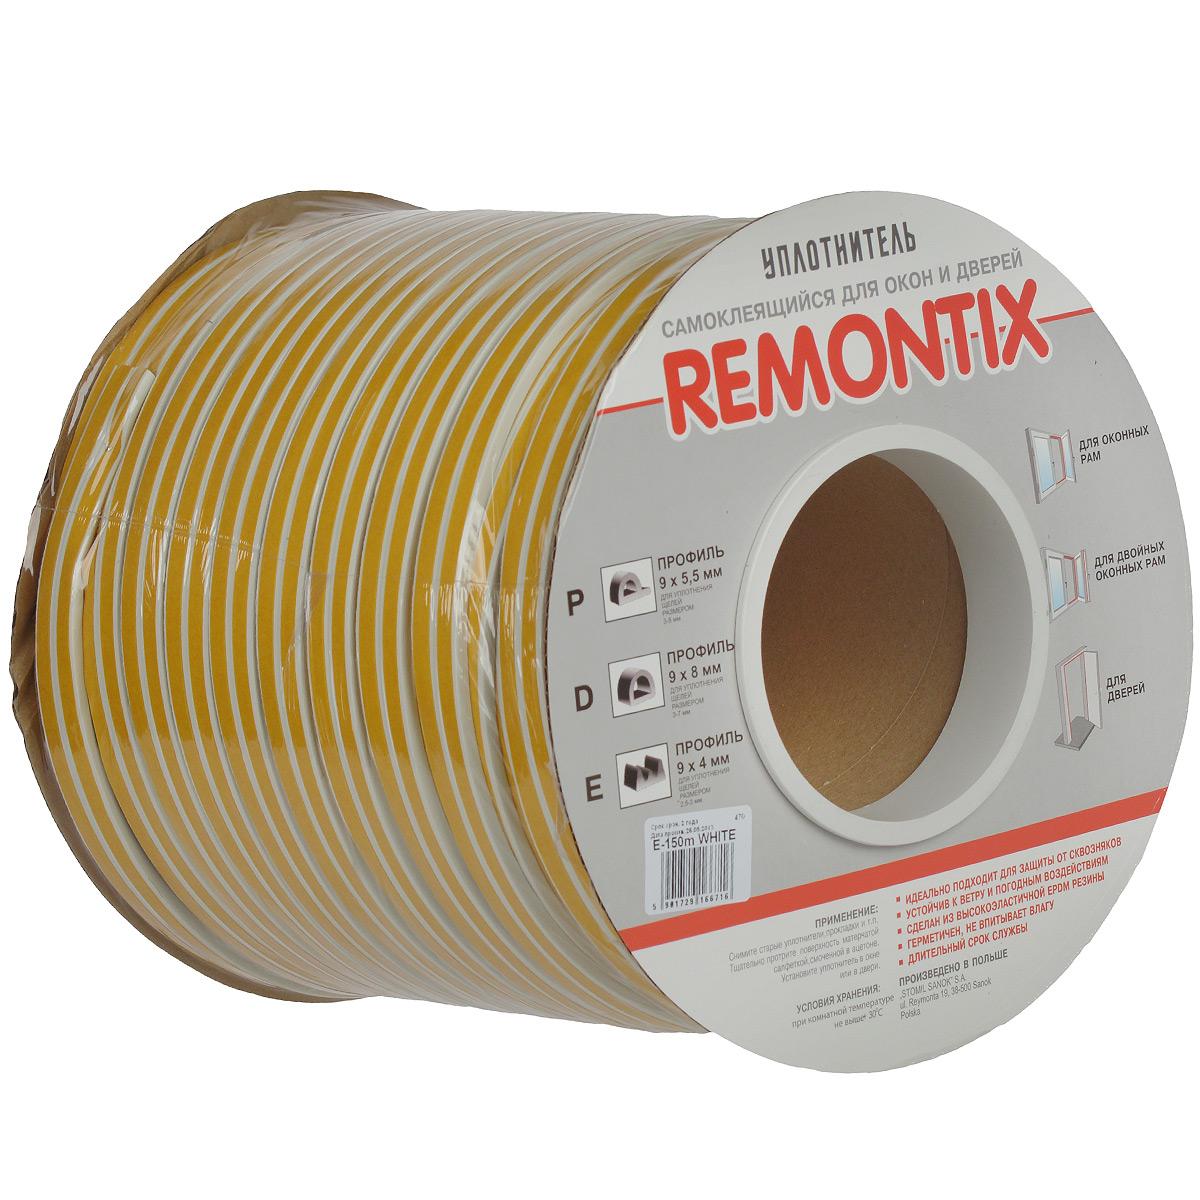 Уплотнитель для окон Remontix, профиль E, цвет: белый, 150 м93864Уплотнительная самоклеющаяся лента Remontix для окон и дверей применяется как средство для теплоизоляции жилых и других помещений. Лента выдерживает большие колебания температуры, влагонепроницаема, рассчитана на длительный срок службы. Профиль E. Для уплотнения щелей размером 2,5-3 мм.